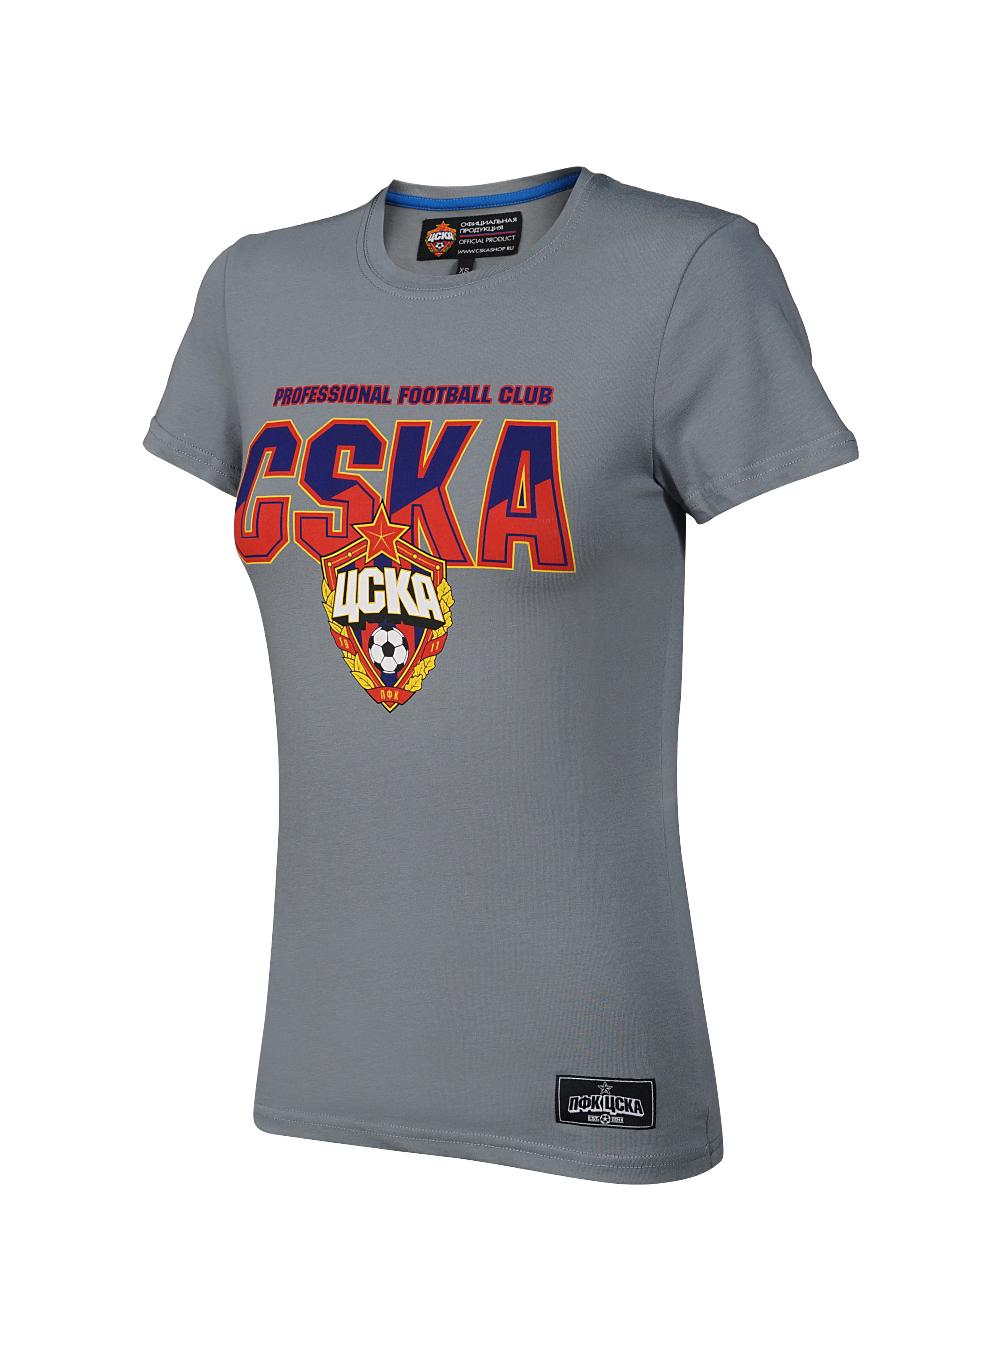 Купить Футболка женская «CSKA», цвет серый (XS) по Нижнему Новгороду